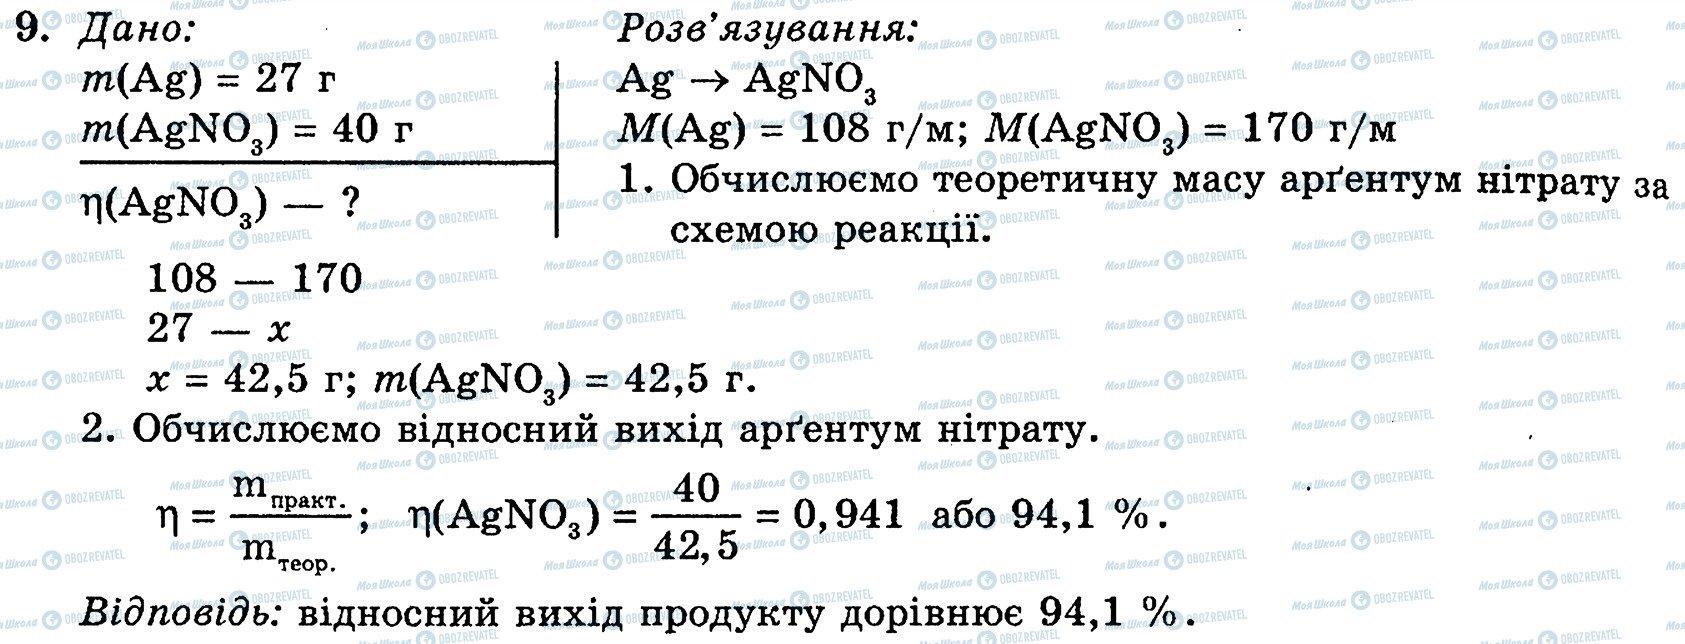 ГДЗ Хімія 10 клас сторінка 9